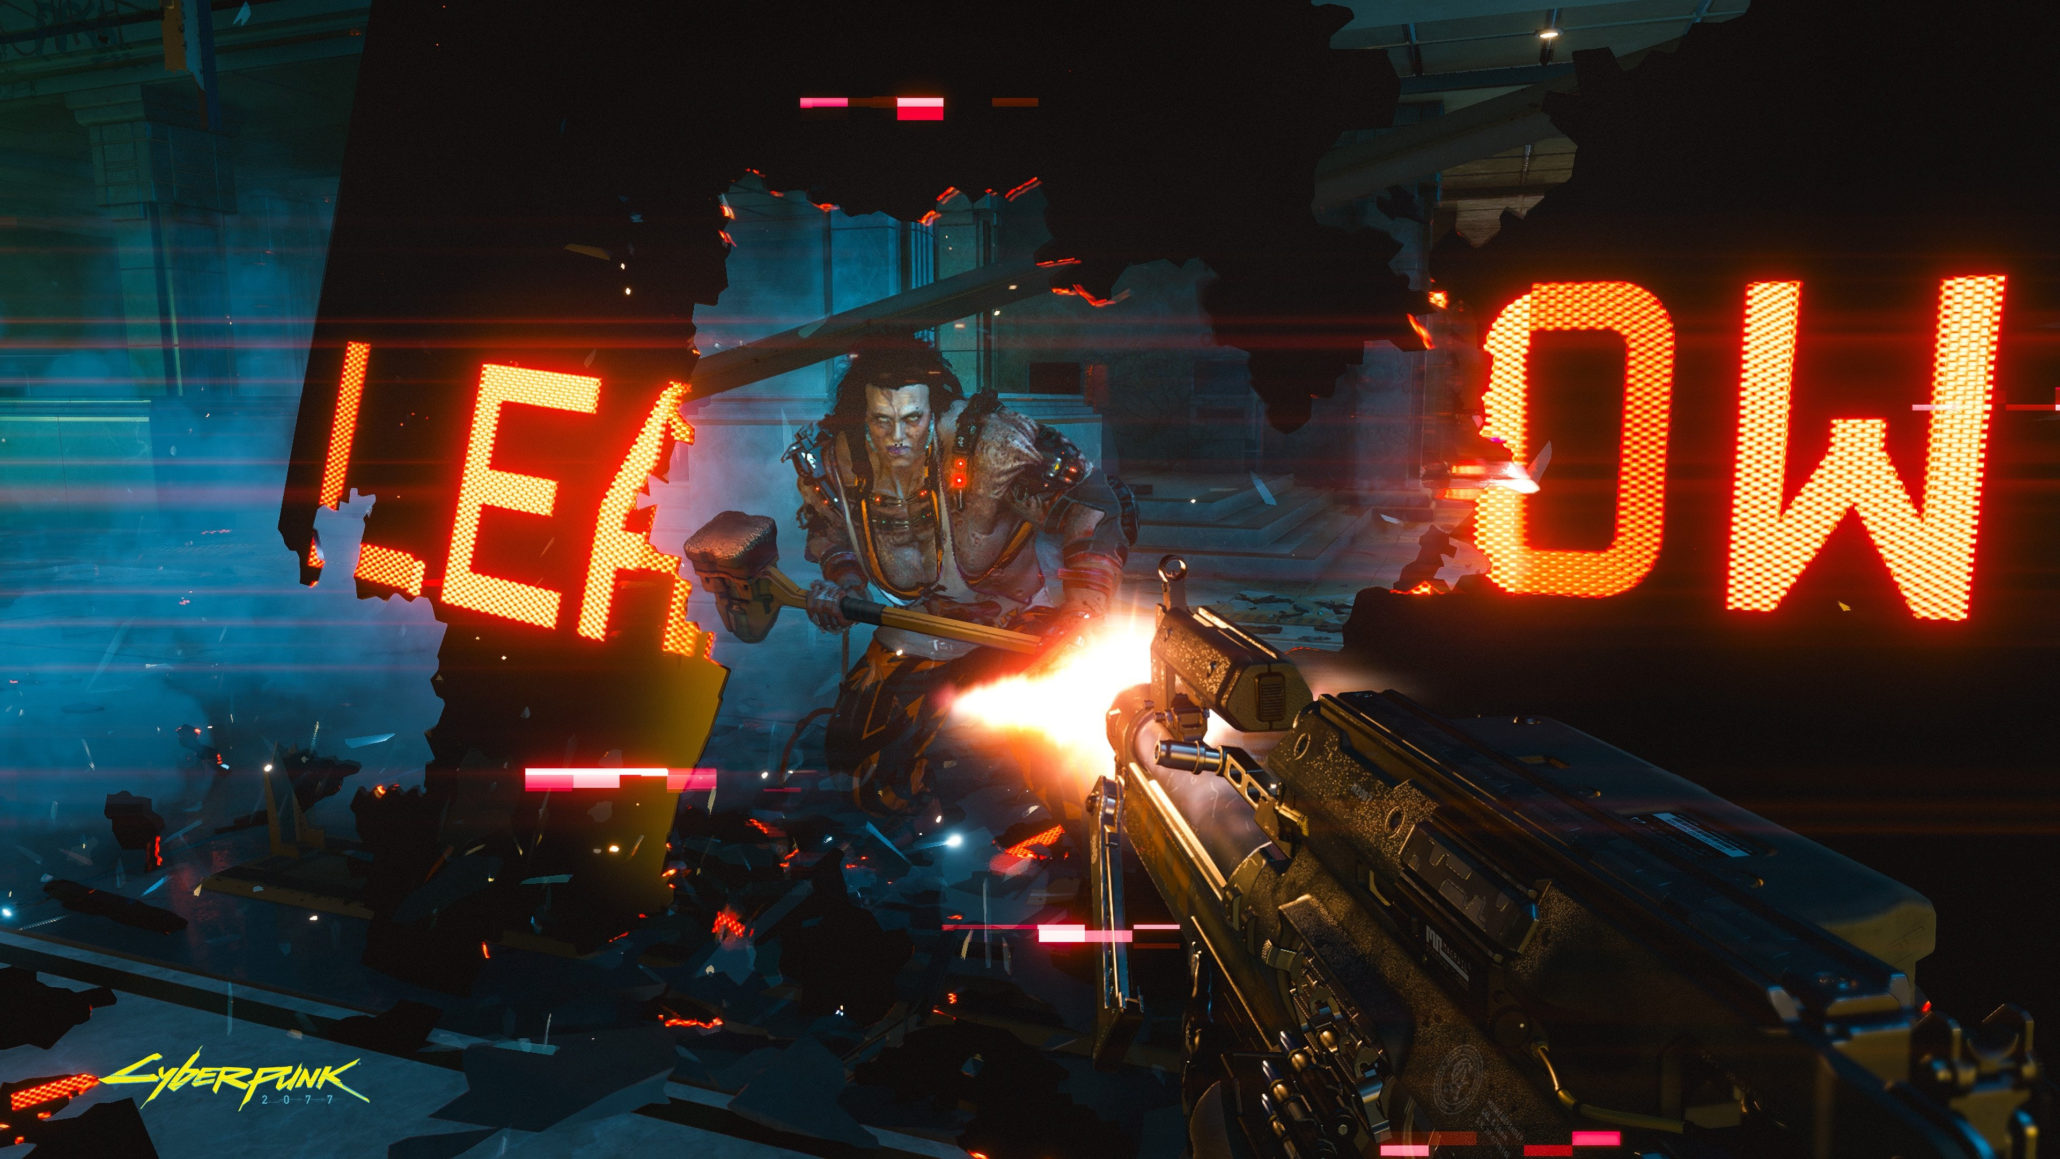 Boj v Cyberpunku